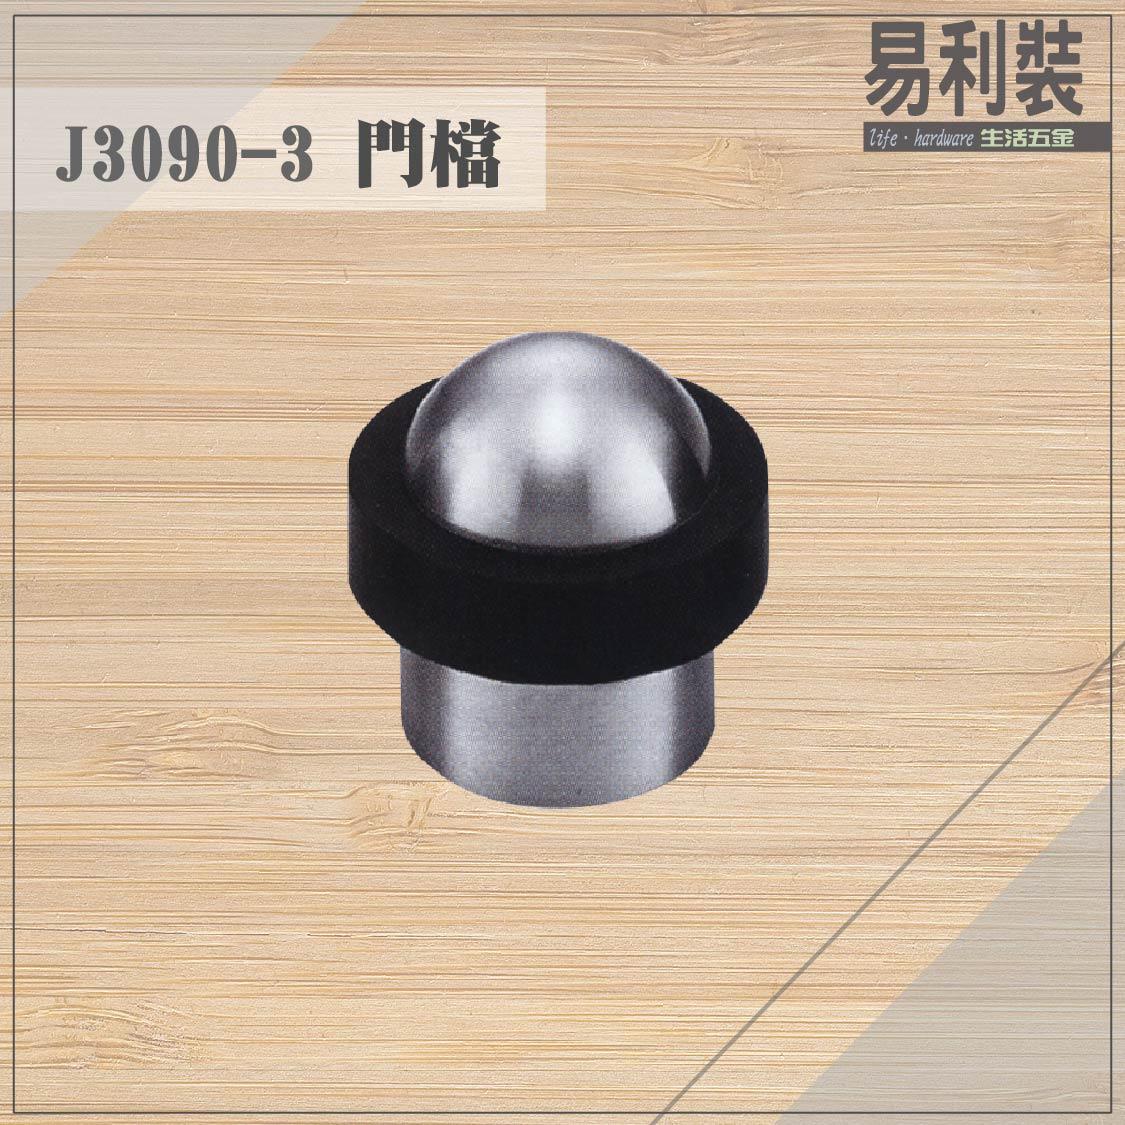 【 EASYCAN  】J3090-3 不鏽鋼門檔 易利裝生活五金 浴室 廚房 房間 臥房 衣櫃 小資族 辦公家具 系統家具 0